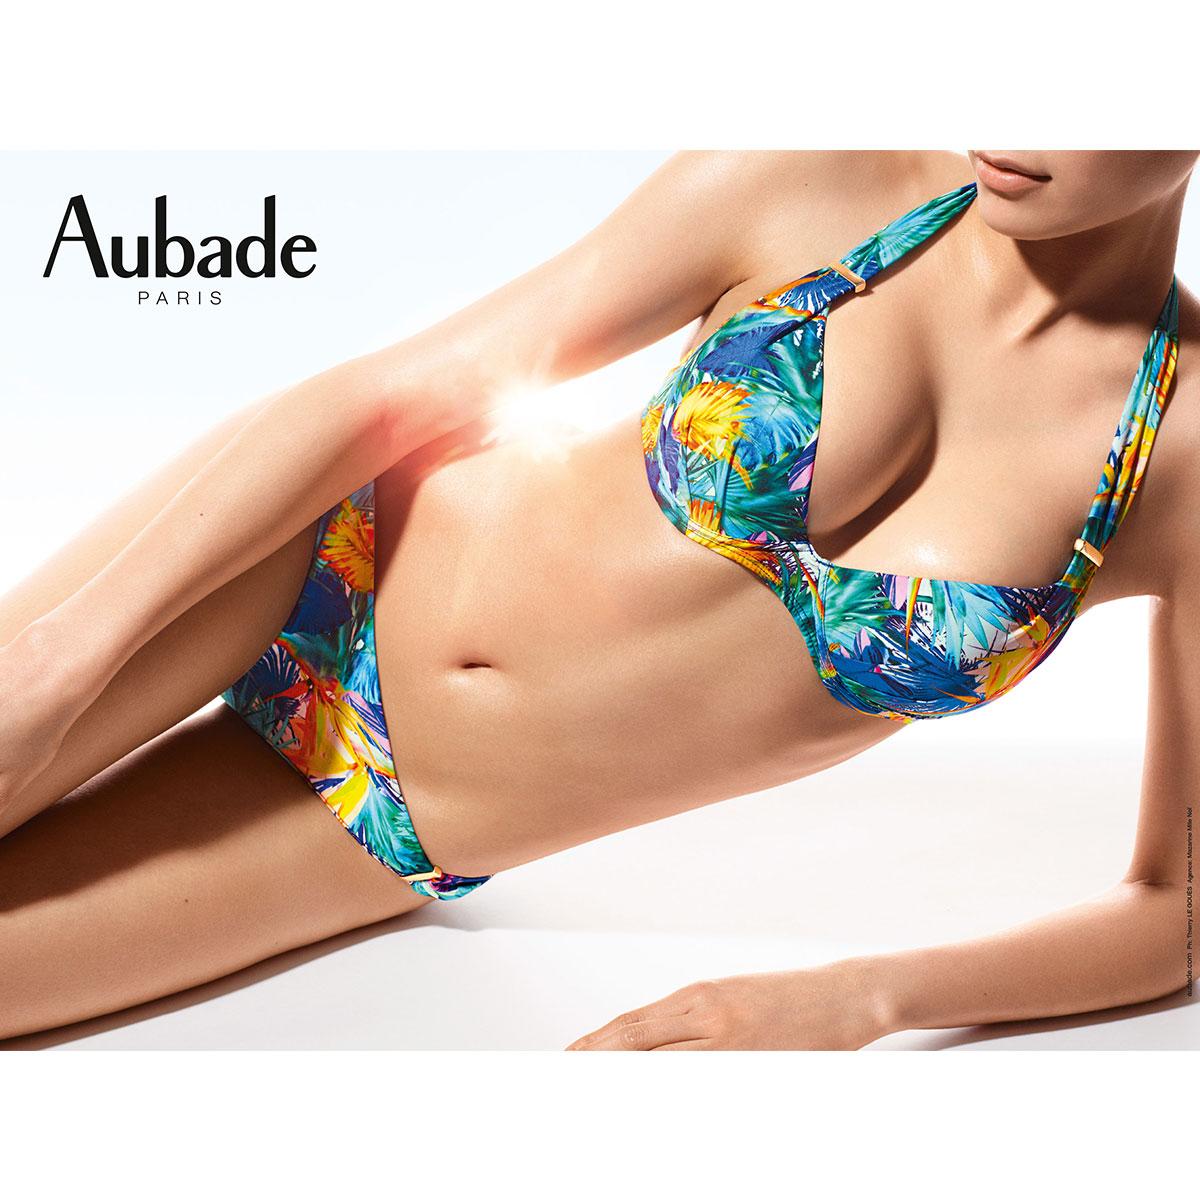 Souvent Maillot de bain Aubade - Collection Aubade 2016 maillot de bain luxe MD35